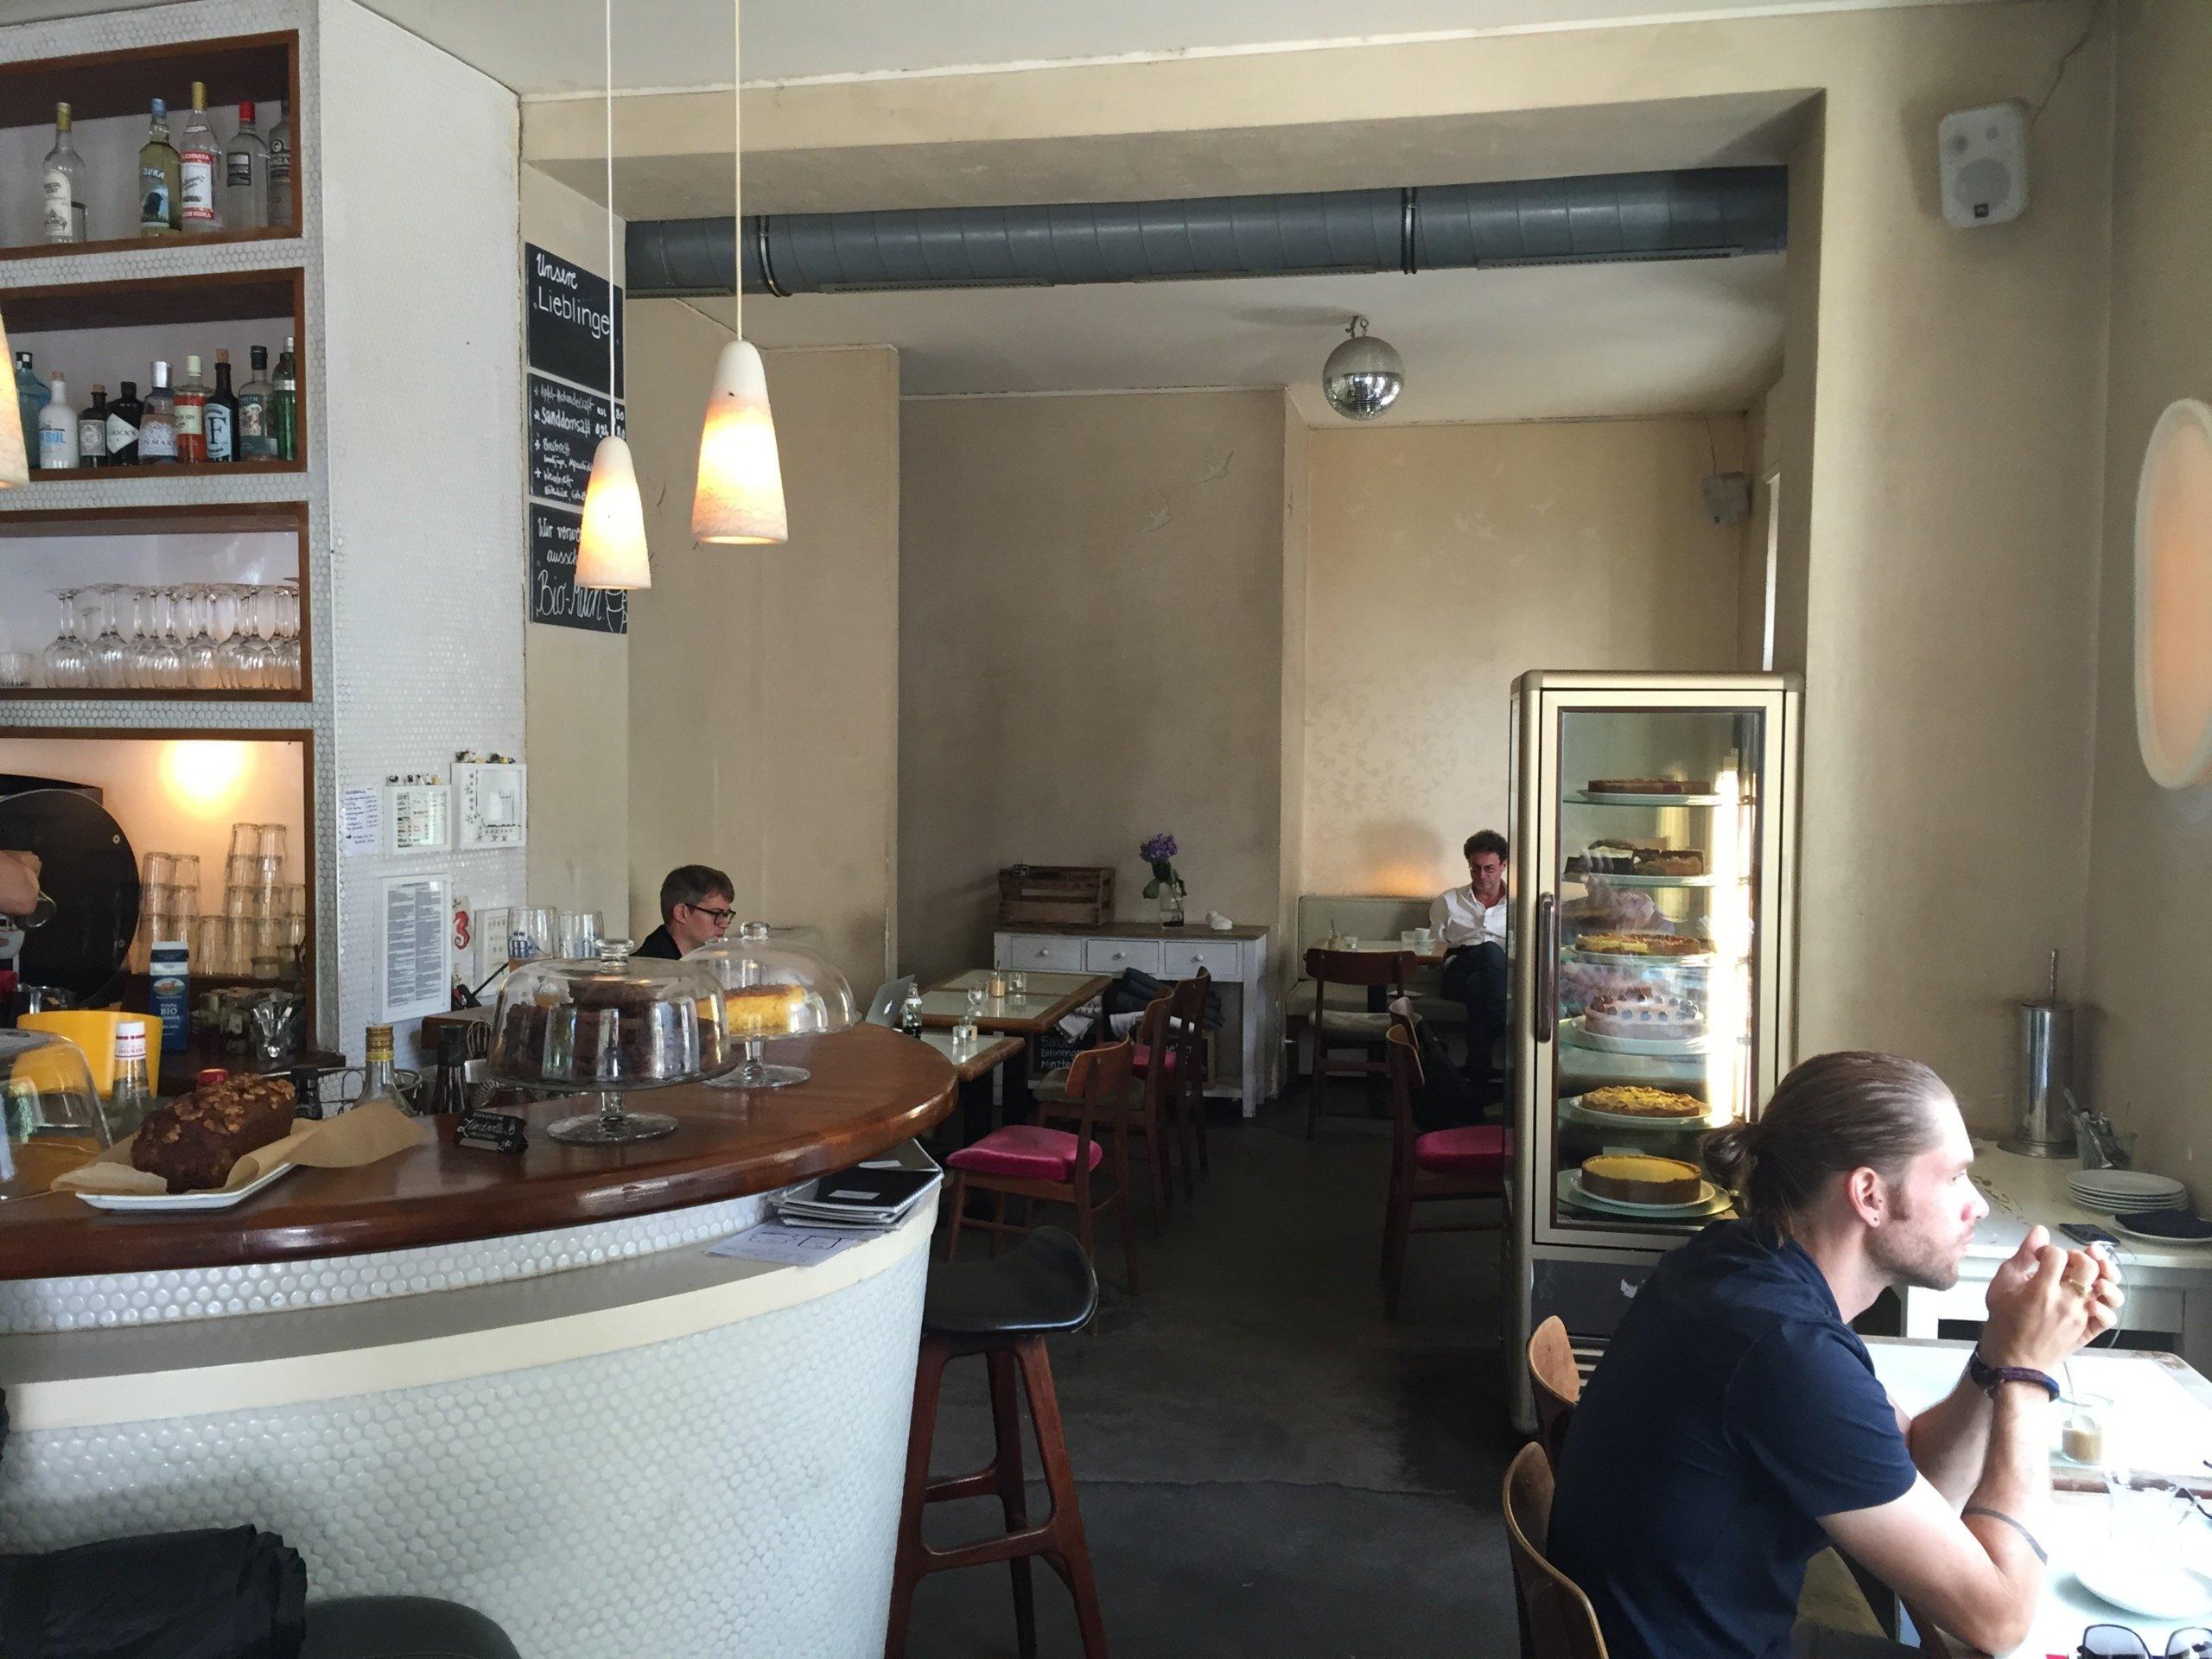 Café Liebling öffnungszeiten Raumerstraße In Berlin Offennet